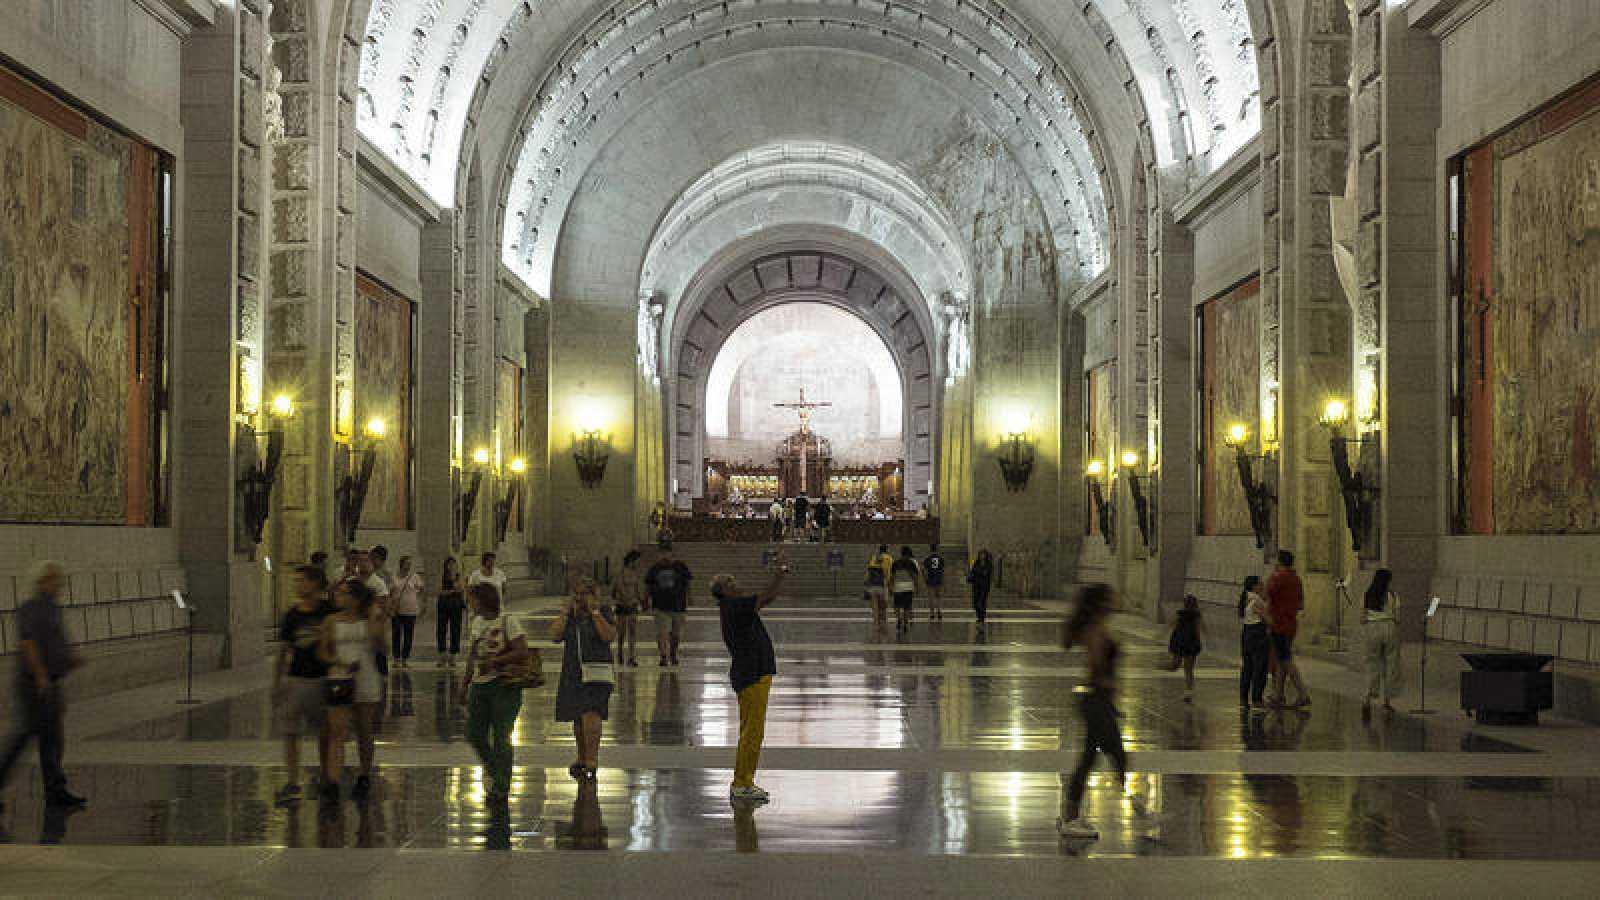 El prior del Valle de los Caídos acatará la decisión de los tribunales sobre la exhumación de Franco